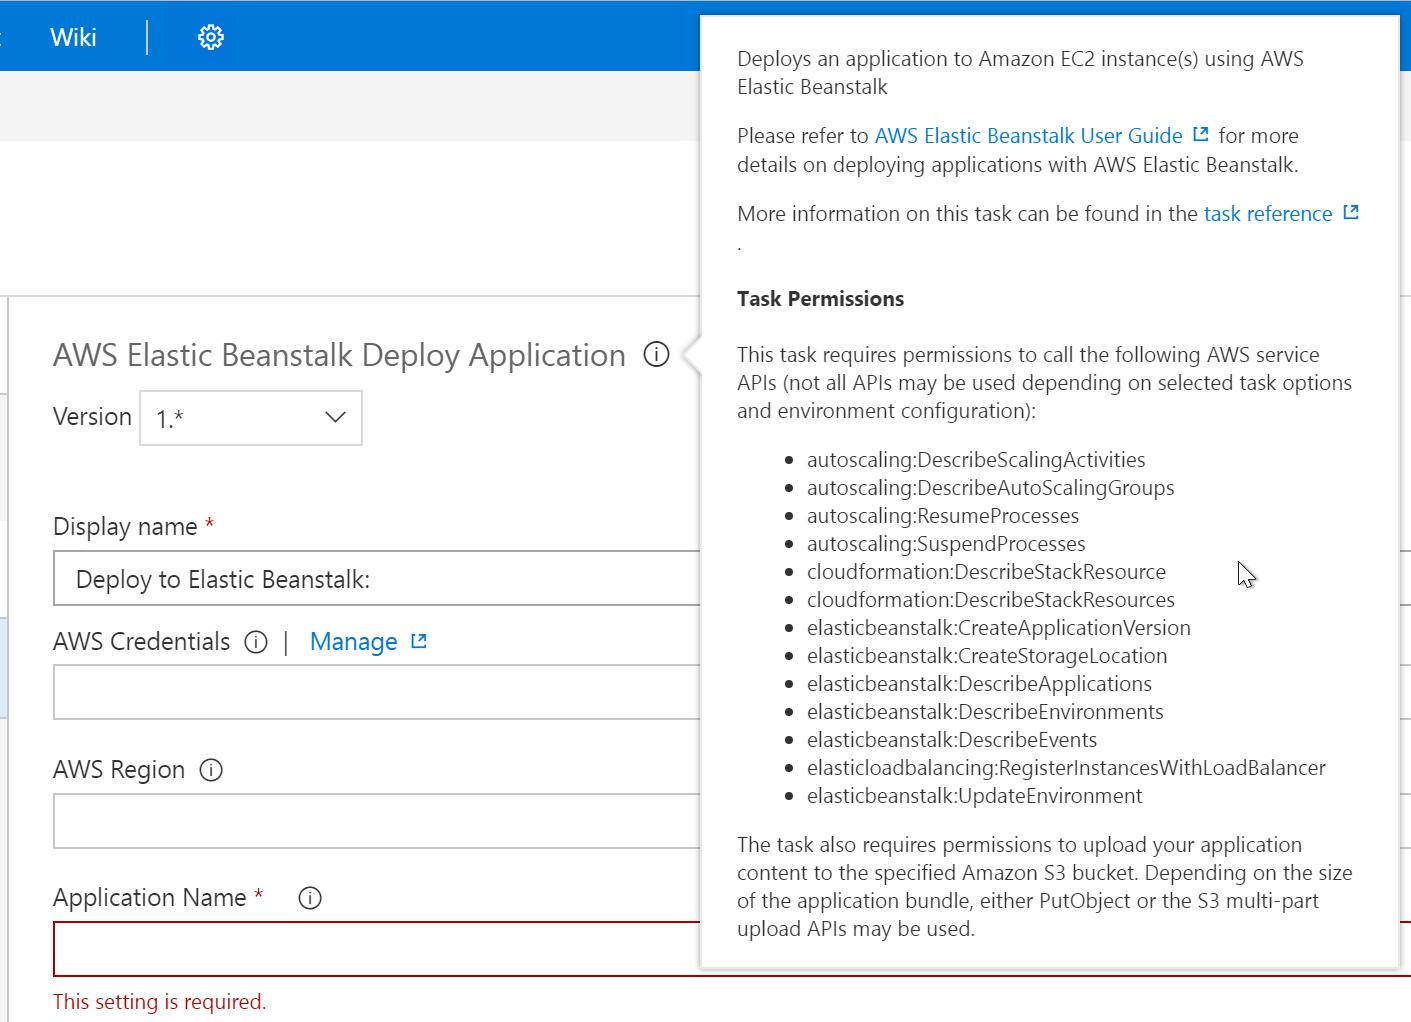 AWS AWS Elastic Beanstalk Deploy Application Task